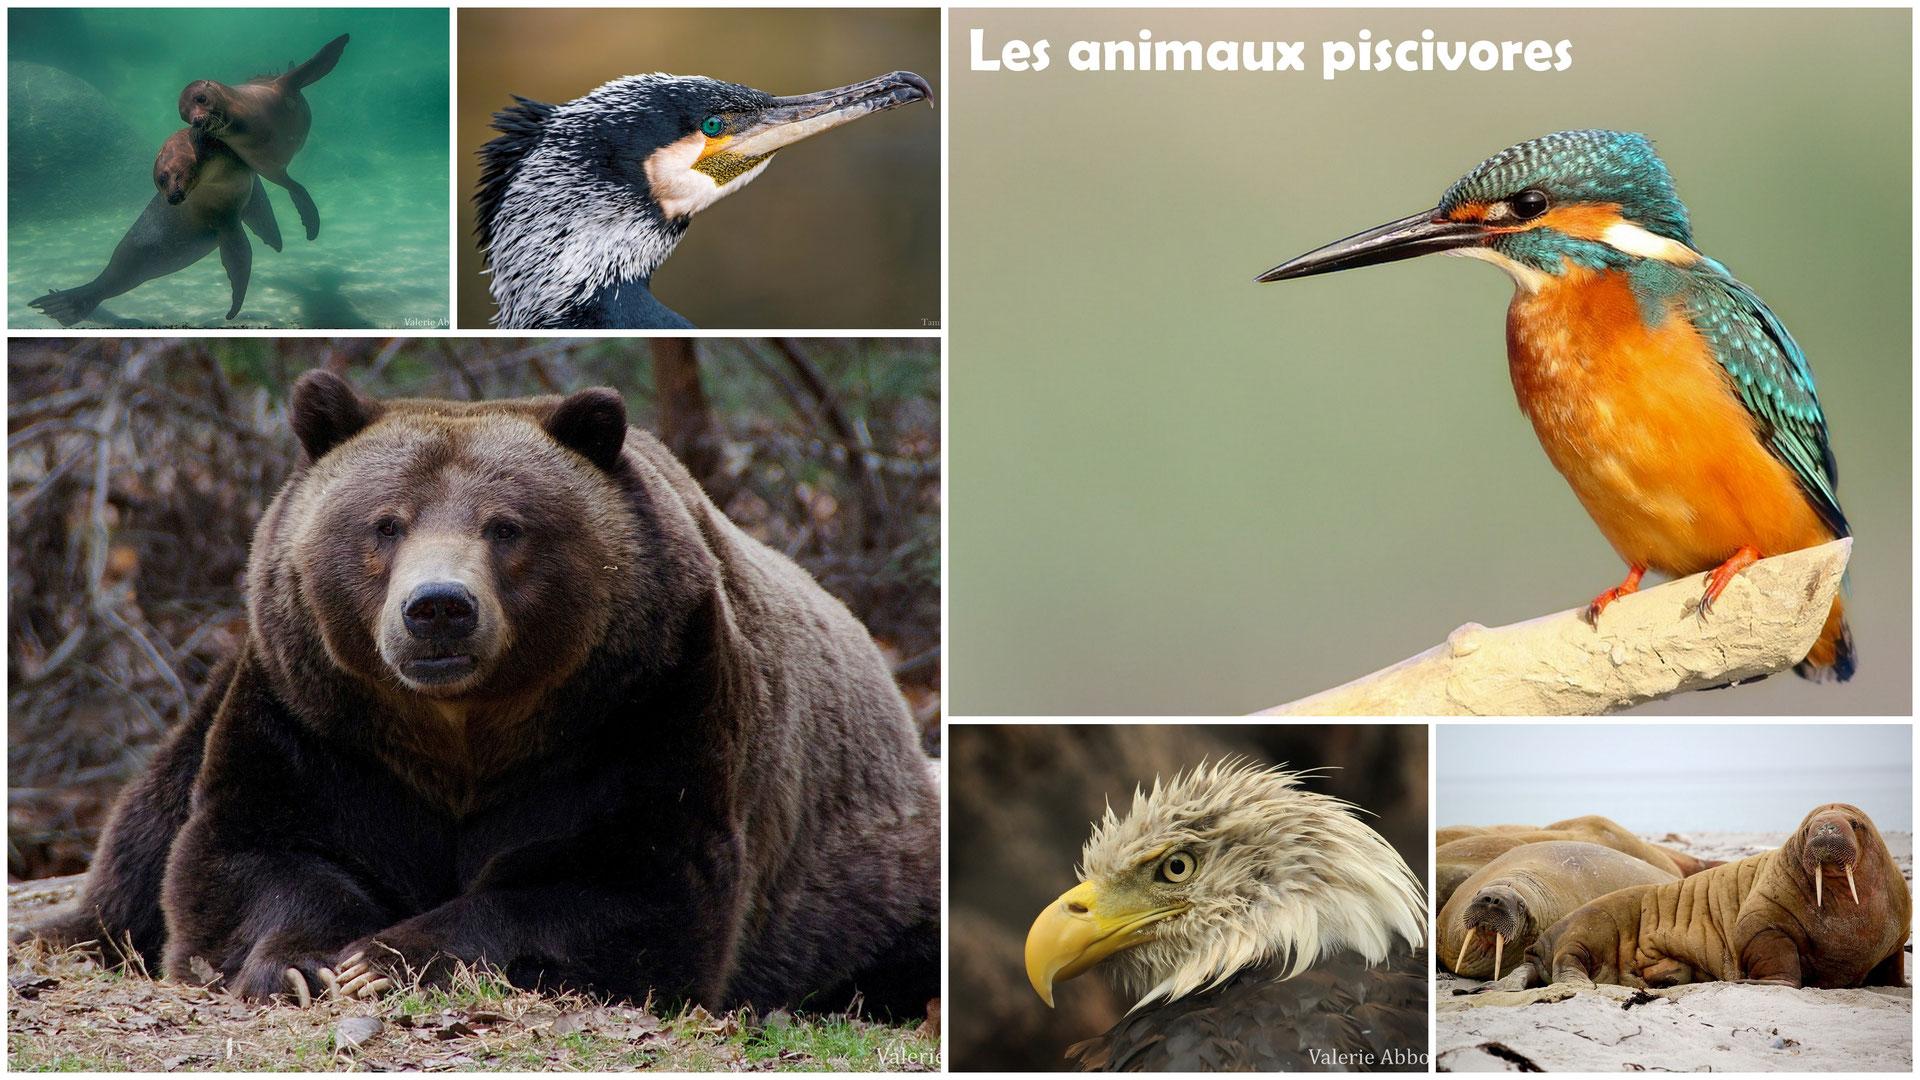 Les animaux piscivores dictionnaire des animaux diconimoz - Babouin et belette ...